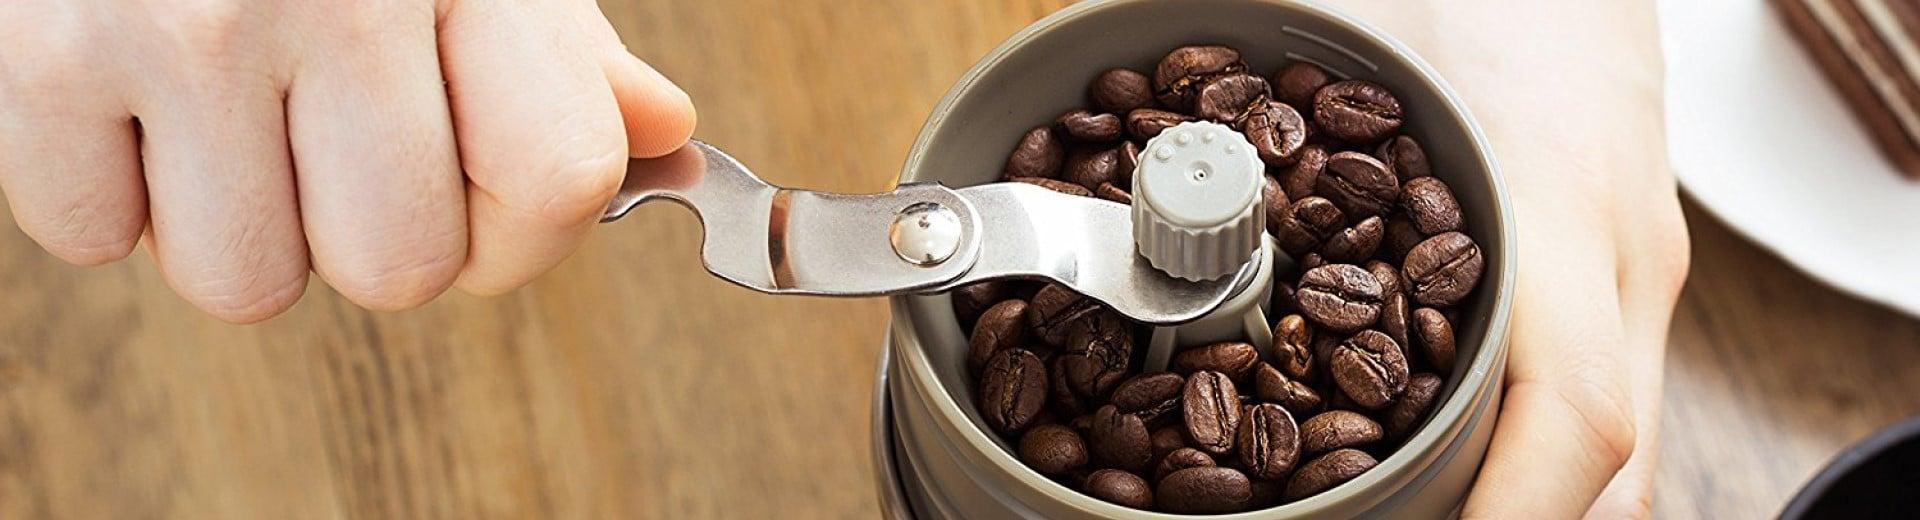 Best Coffee Grinders Under 100 Reviewed in Detail